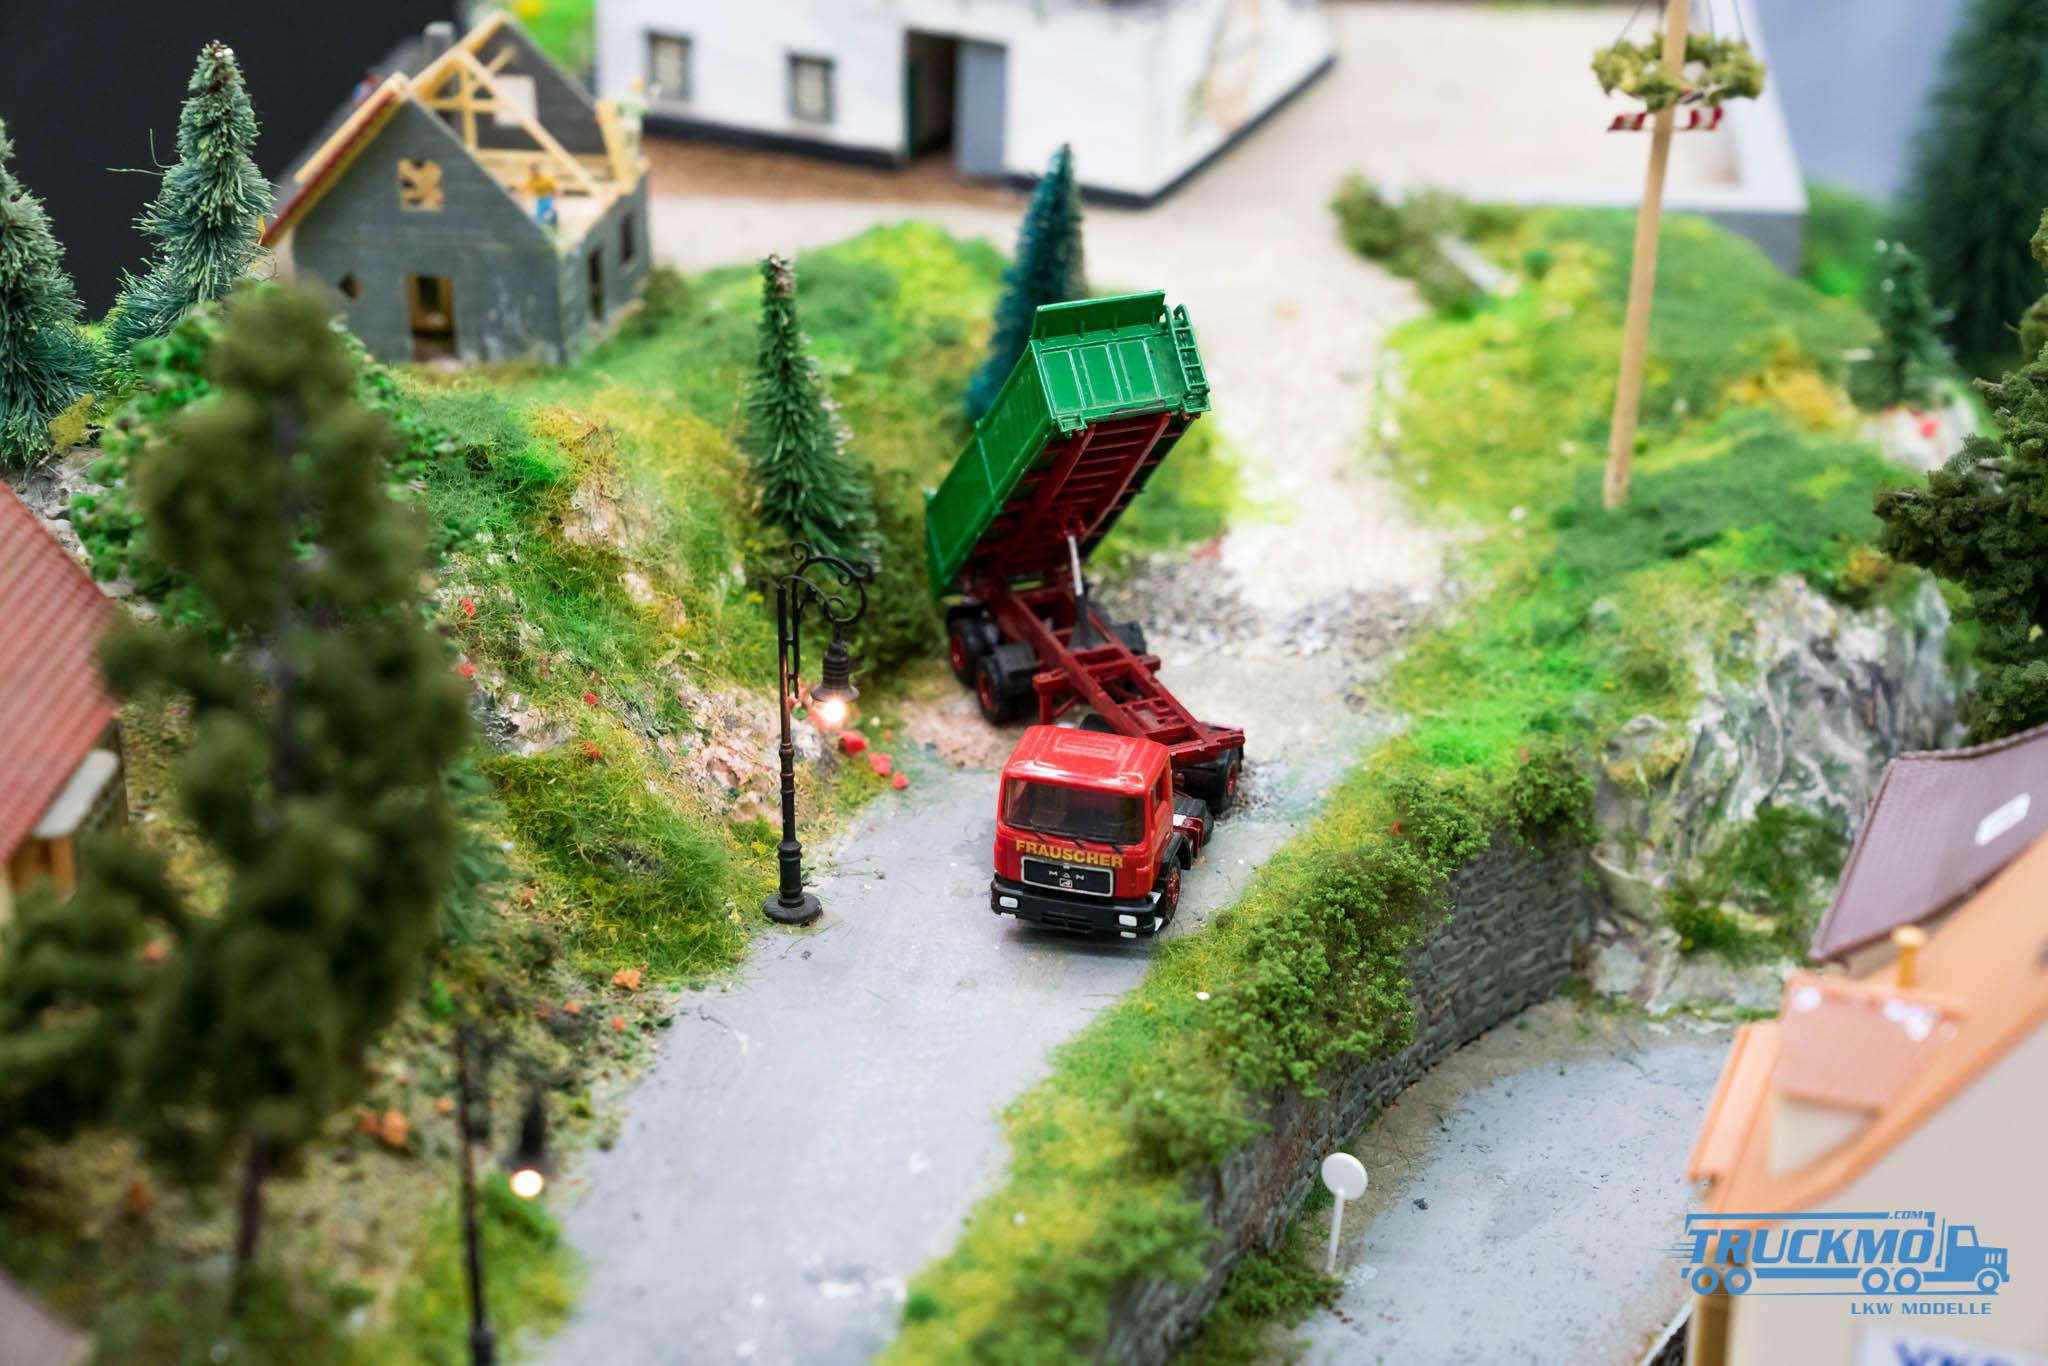 Truckmo_Modellbau_Ried_2017_Herpa_Messe_Modellbauausstellung (73 von 1177)